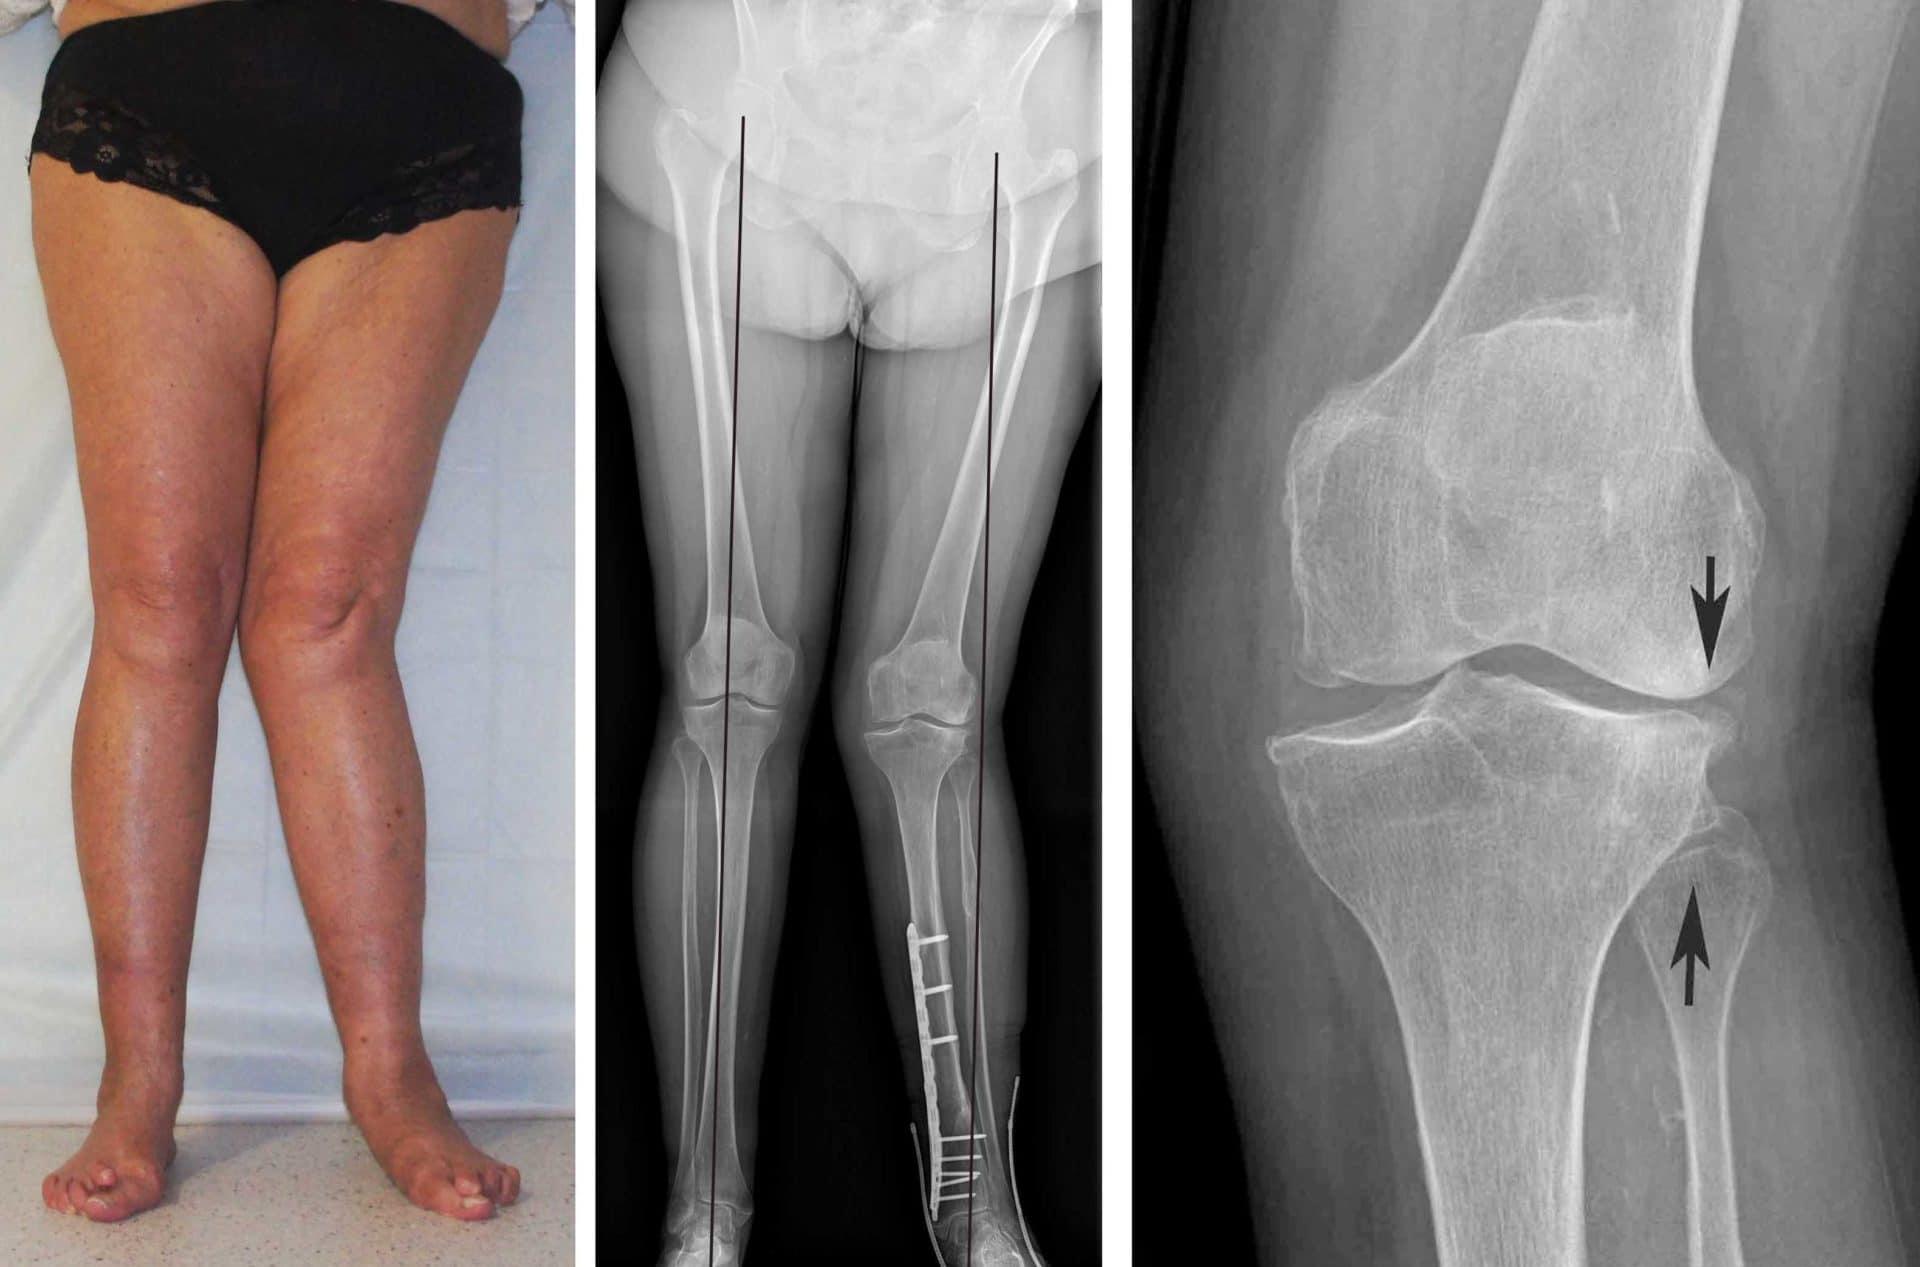 Гонартроз 2 степени коленного сустава - лечение медикаментозными и народными средствами, диетой и гимнастикой